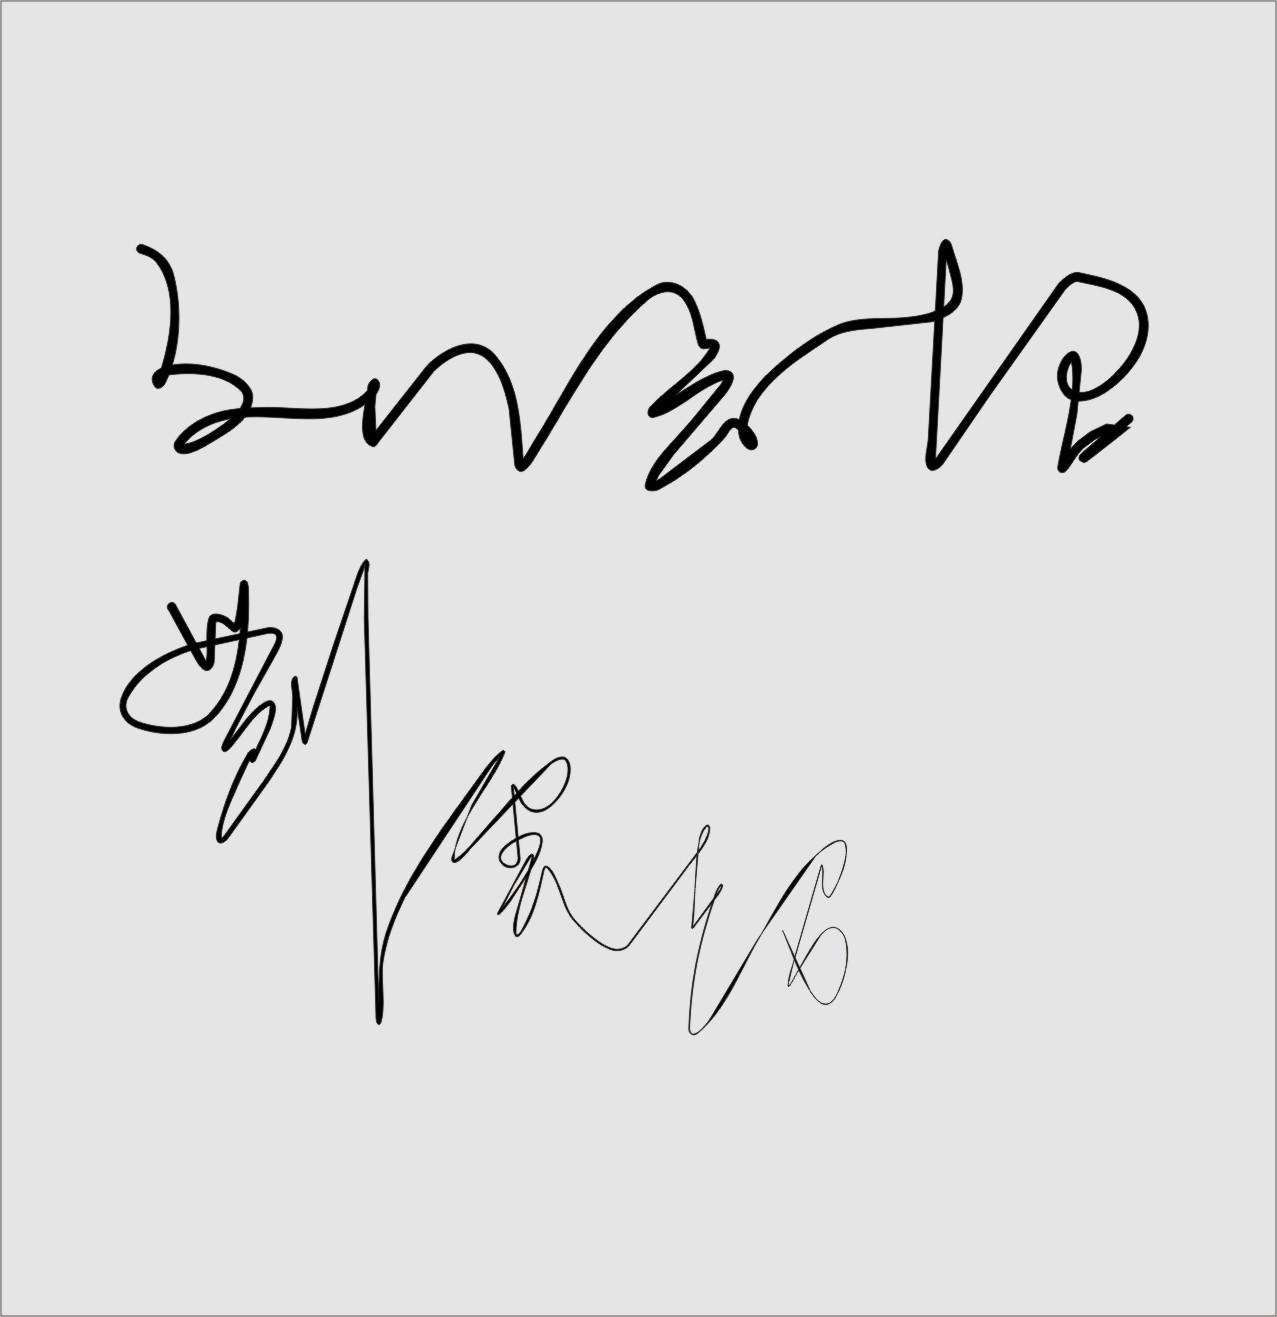 姓名:刘云超 连笔签名设计,谢谢图片